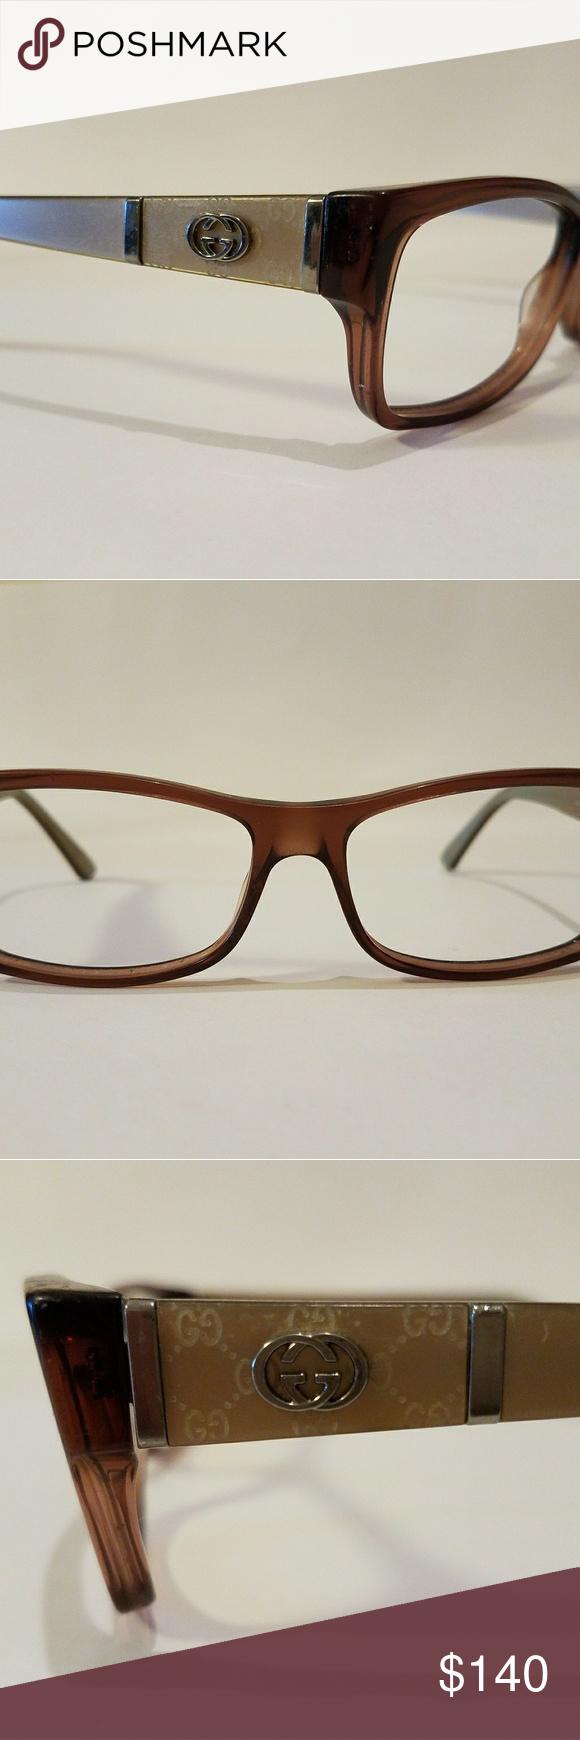 Authentic GUCCI Rx Glasses   Gucci accessories, Gucci and Lenses